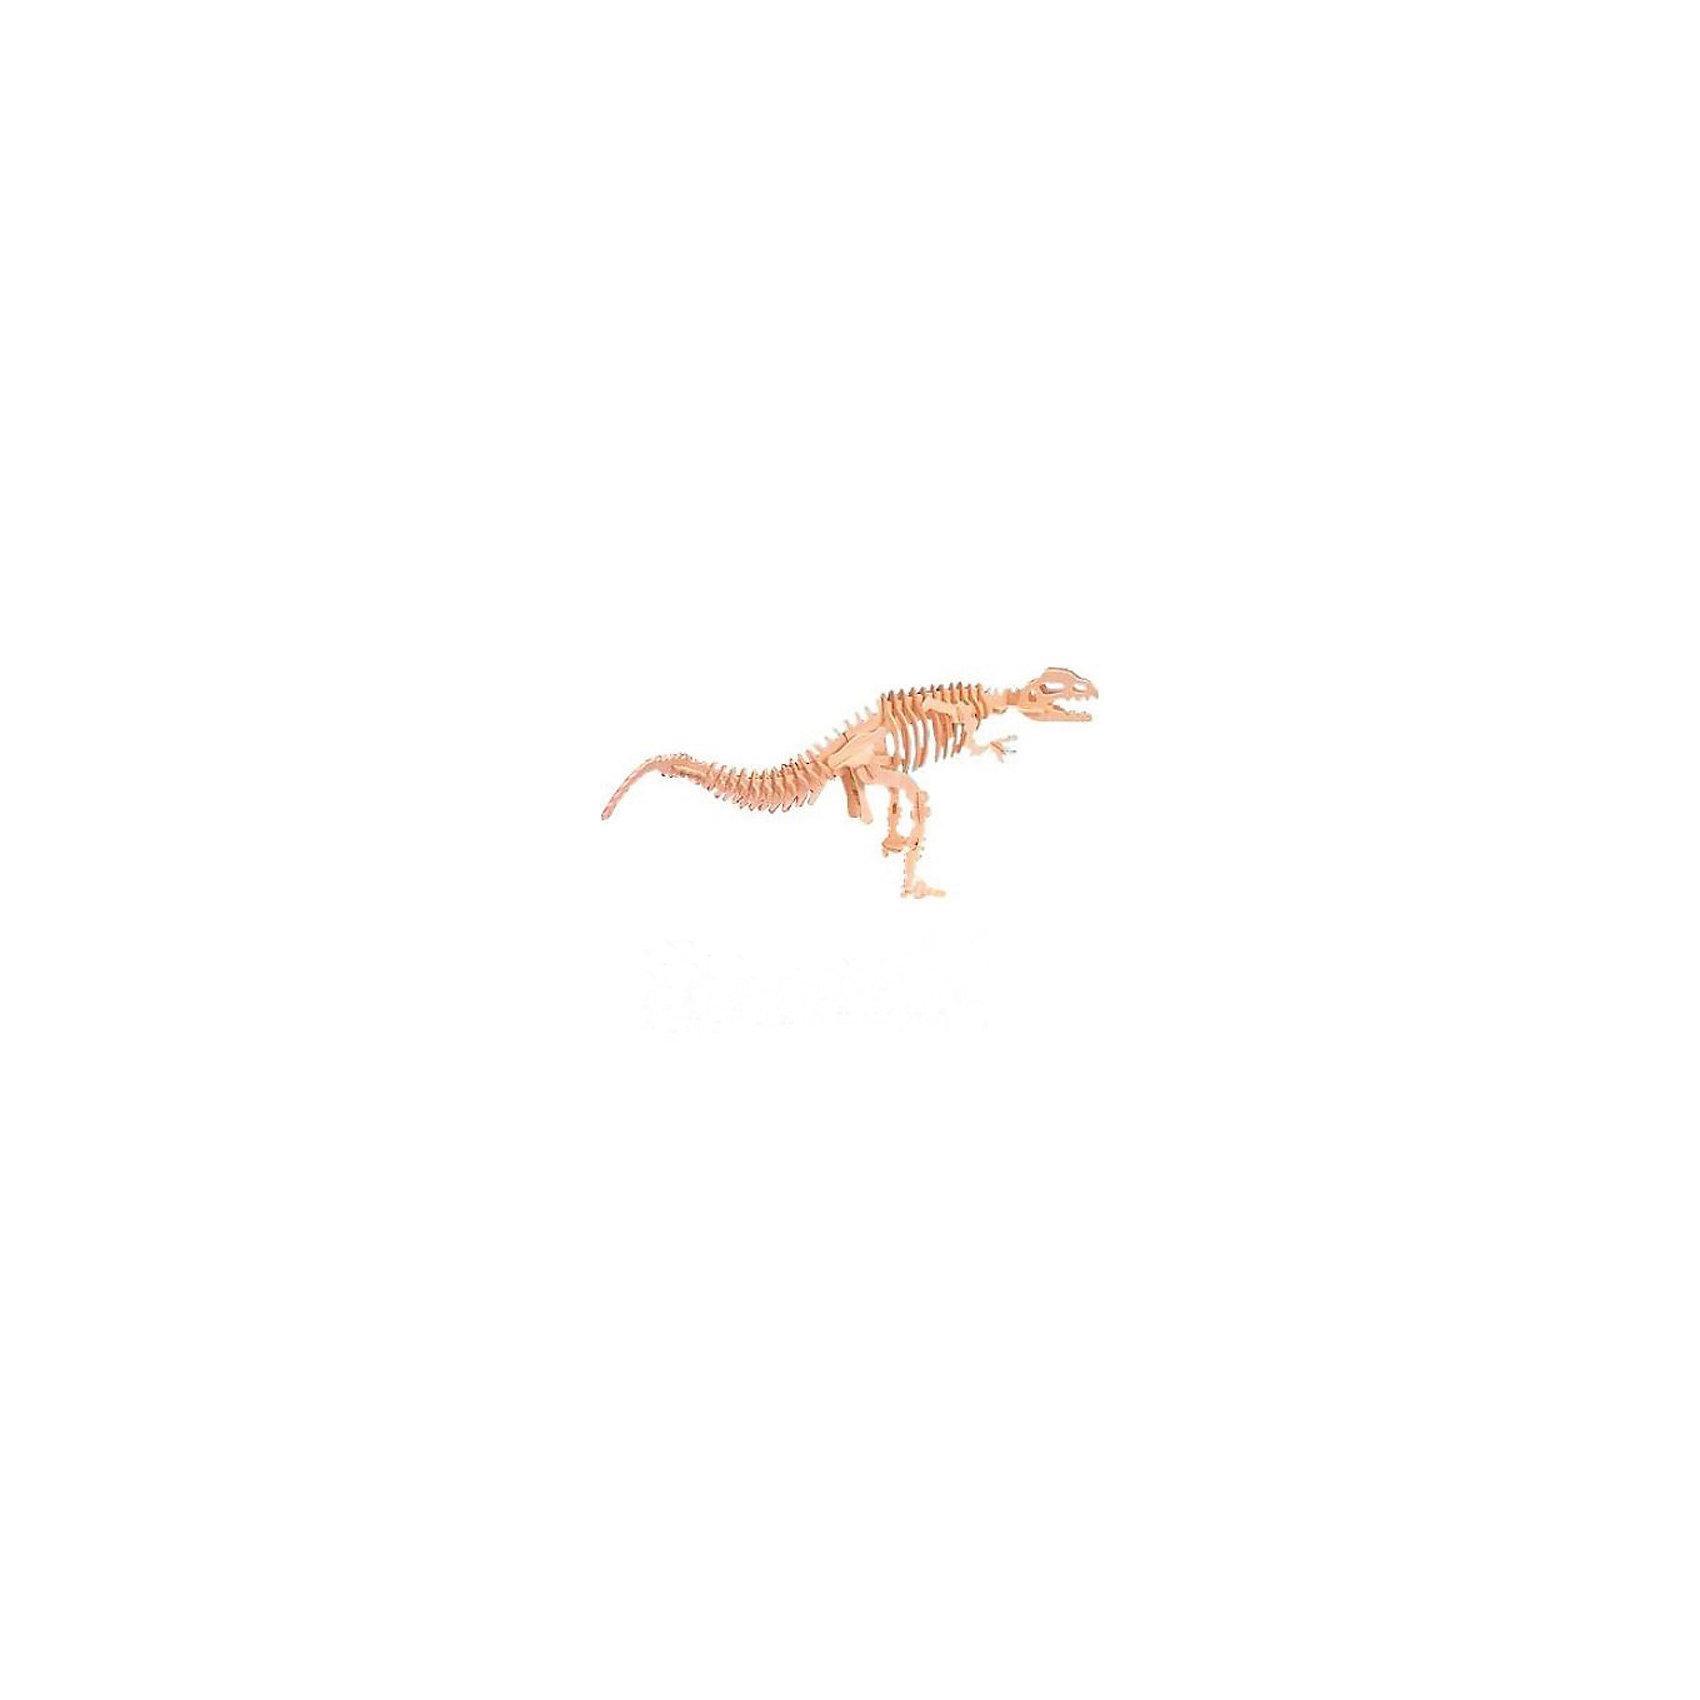 Дилопхозавр, Мир деревянных игрушекУдачный вариант подарка для творческого ребенка - этот набор, из которого можно самому сделать красивую деревянную фигуру! Для этого нужно выдавить из пластины с деталями элементы для сборки и соединить их. Специально для любящих творчество и интересующихся вымершими животными были разработаны эти 3D-пазлы. Из них получаются красивые очень реалистичные фигуры, которые могут стать украшением комнаты.<br>Собирая их, ребенок будет учиться соотносить фигуры, развивать пространственное мышление, память и мелкую моторику. А раскрашивая готовое произведение, дети научатся подбирать цвета и будут развивать художественные навыки. Этот набор произведен из качественных и безопасных для детей материалов - дерево тщательно обработано.<br><br>Дополнительная информация:<br><br>материал: дерево;<br>цвет: бежевый;<br>элементы: пластины с деталями для сборки;<br>размер упаковки: 23 х 18 см.<br><br>3D-пазл Дилопхозавр от бренда Мир деревянных игрушек можно купить в нашем магазине.<br><br>Ширина мм: 225<br>Глубина мм: 30<br>Высота мм: 180<br>Вес г: 450<br>Возраст от месяцев: 36<br>Возраст до месяцев: 144<br>Пол: Унисекс<br>Возраст: Детский<br>SKU: 4969055